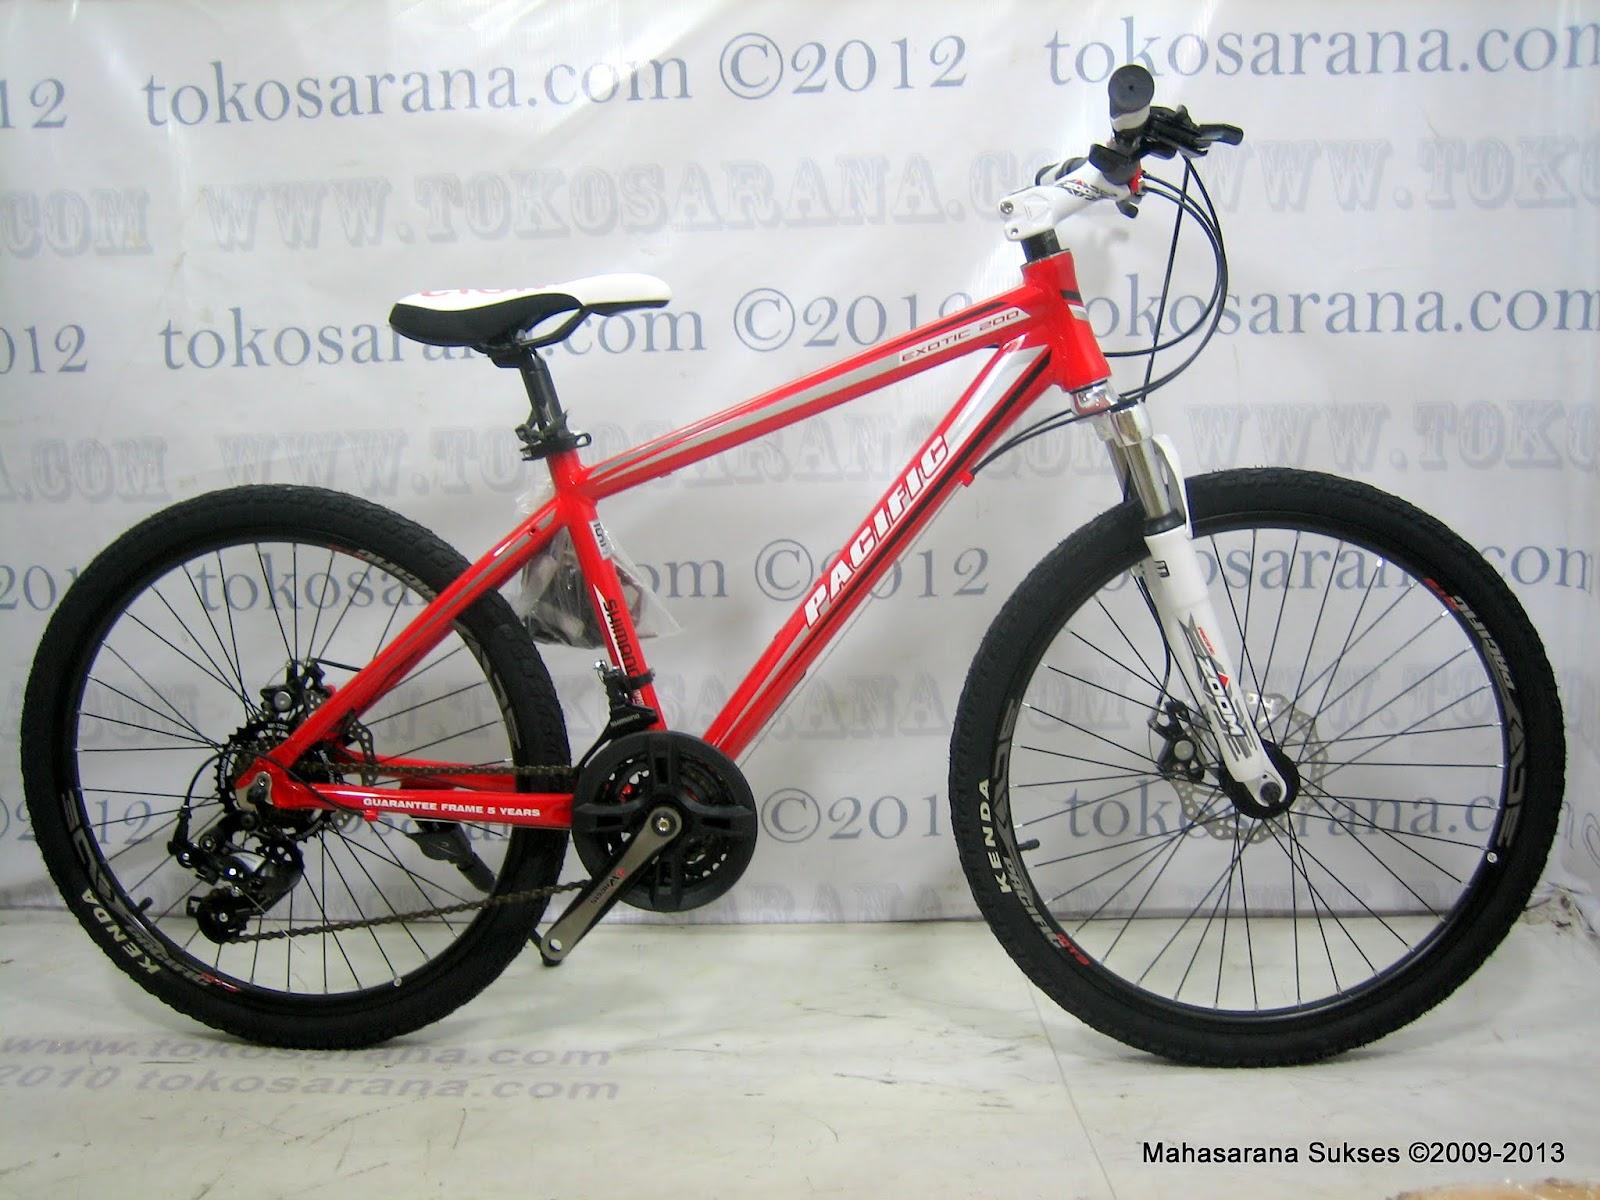 tokosarana™ | Mahasarana Sukses™: Sepeda Gunung Remaja